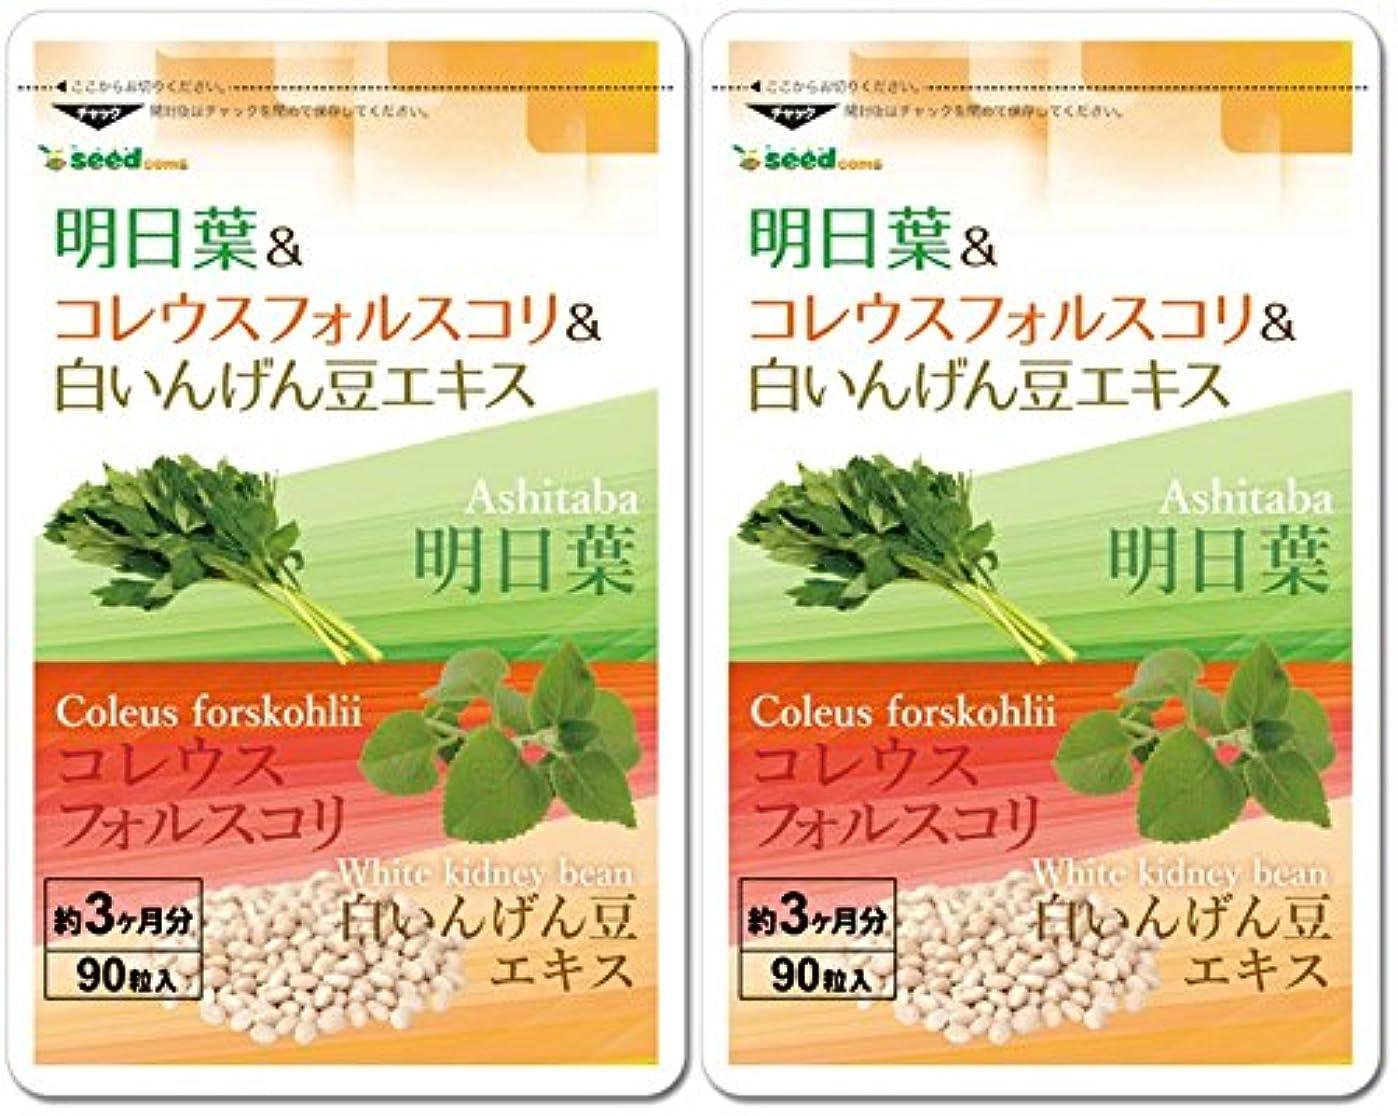 フォアタイプ全く単なる明日葉&コレウスフォルスコリ&白いんげん豆エキス (約6ヶ月分/180粒) スッキリ&燃焼系&糖質バリアの3大ダイエット成分